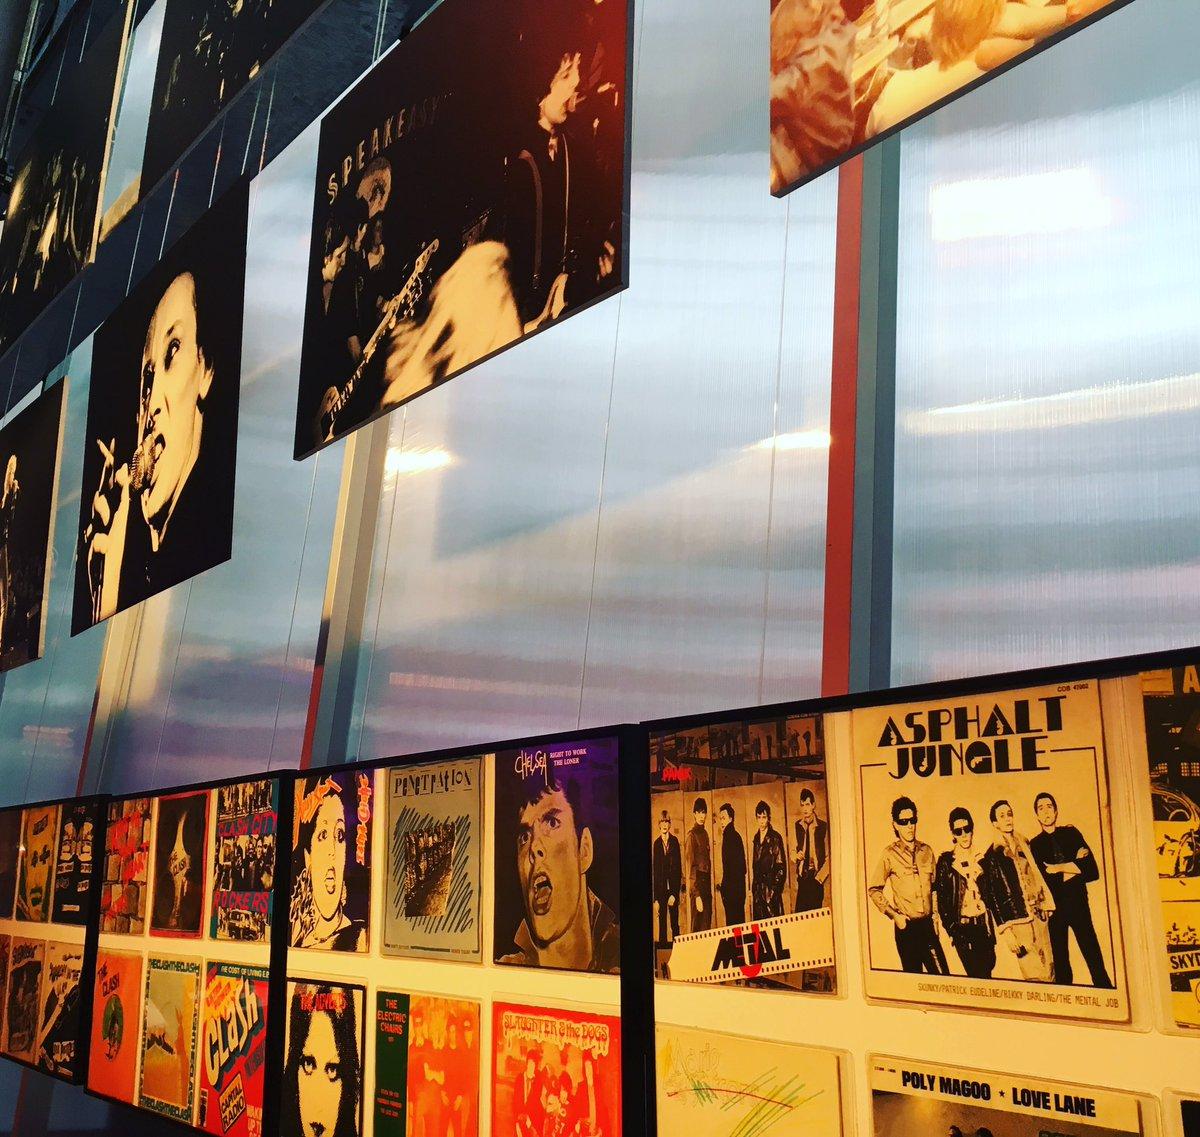 Invasion de #punk sur les murs de #Stereolux ! Rdv à 18h pour la conf sur l&#39;histoire du punk par Stan Cuesta et 19h #vernissage #expo #djset <br>http://pic.twitter.com/duSERwqfqc